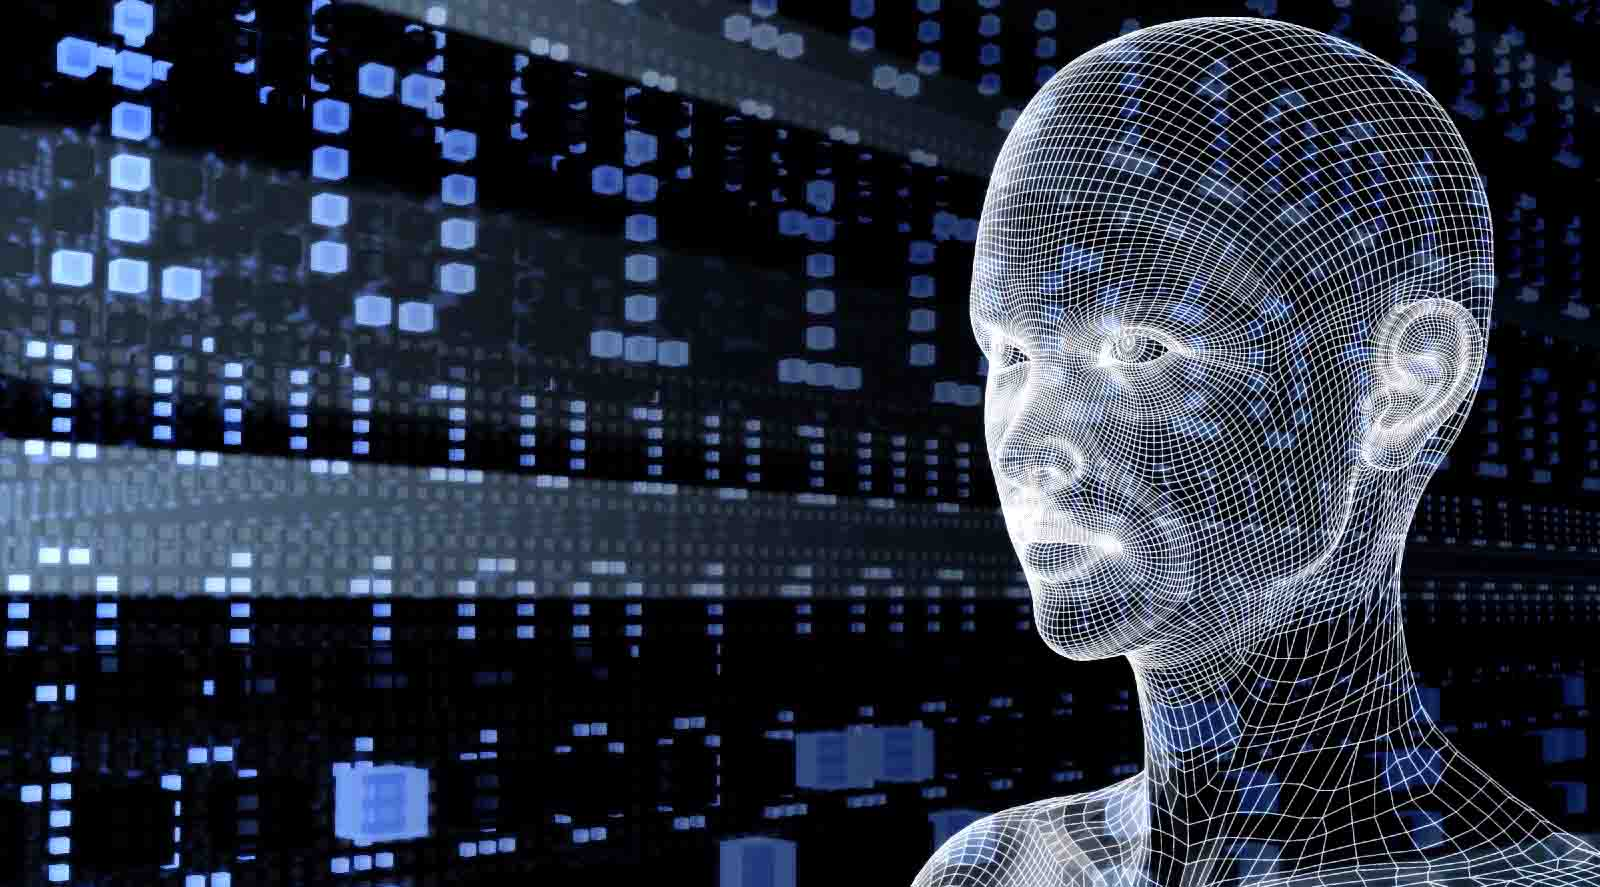 L'intelligenza artificiale usata per studiare l'uomo nel corso della sua storia